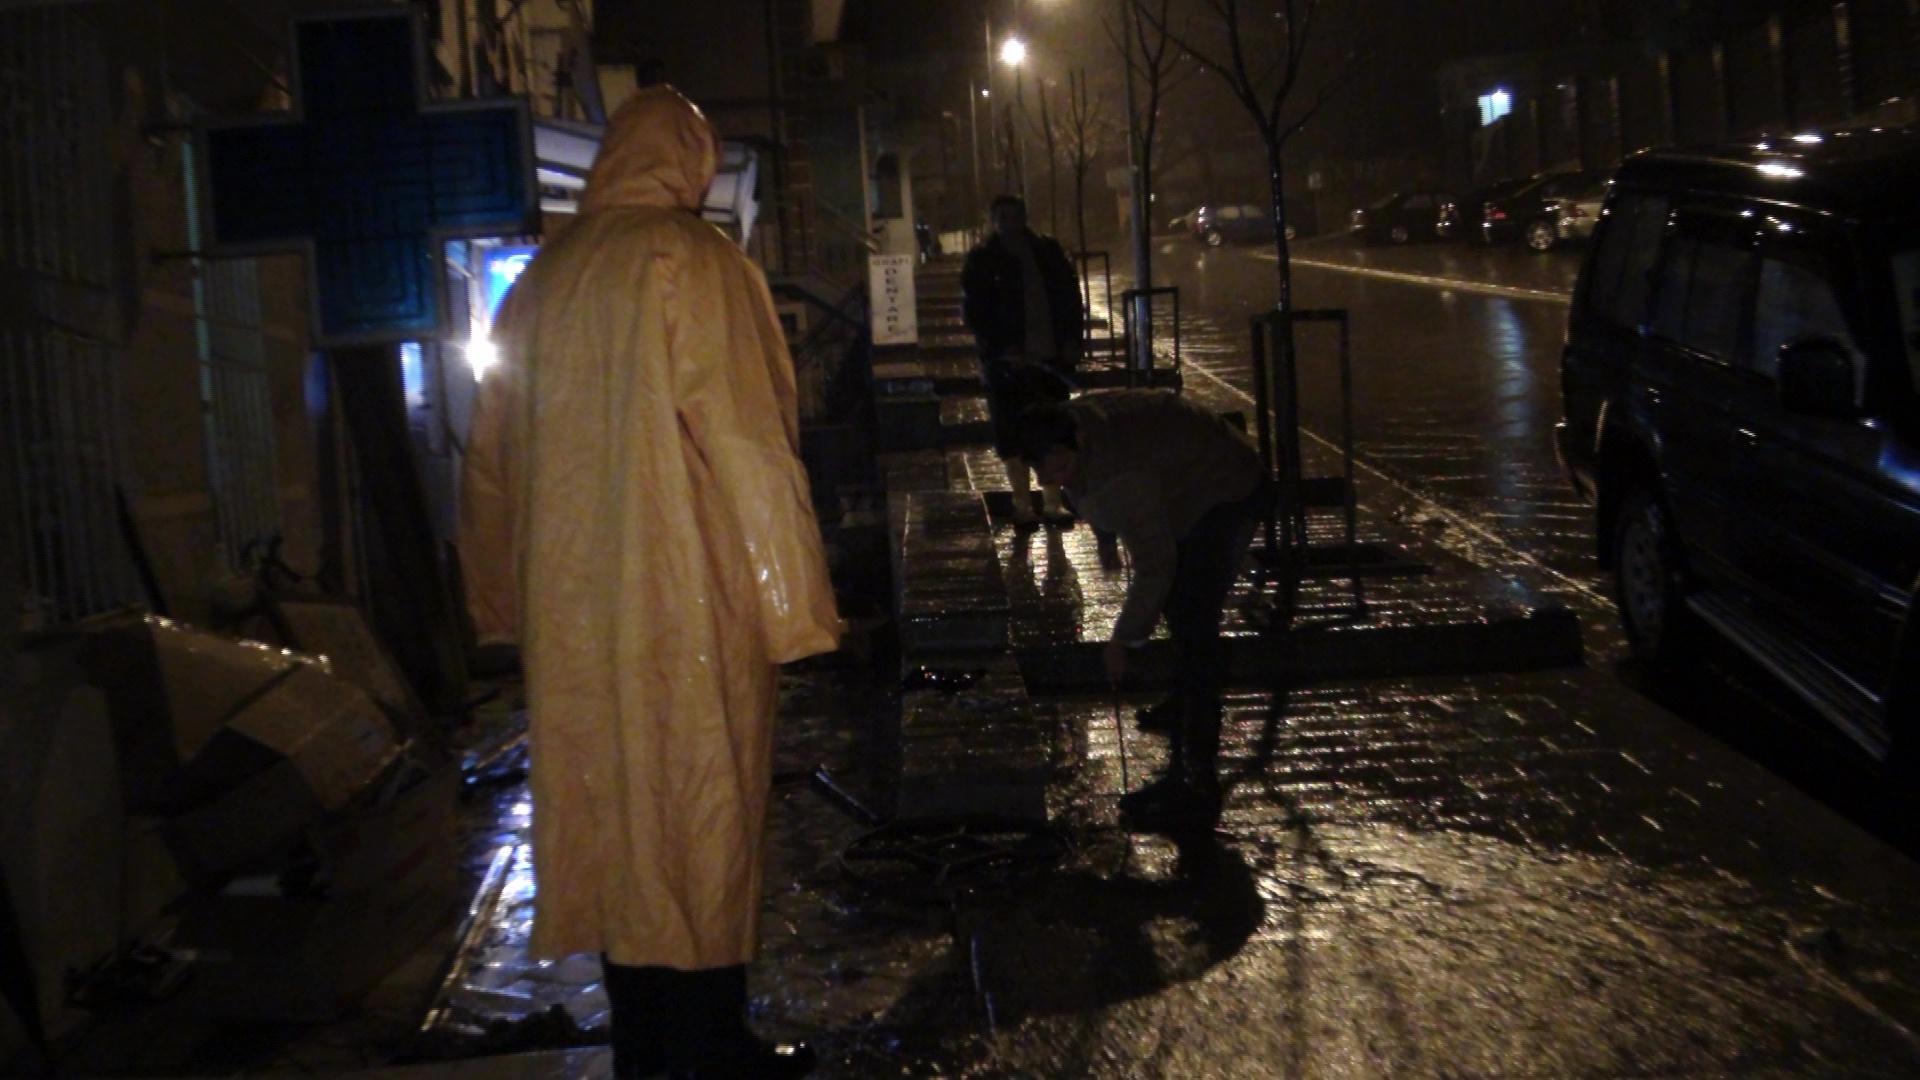 Çahen tubacionet e një HEC-i privat/Përmbytje në Librazhd